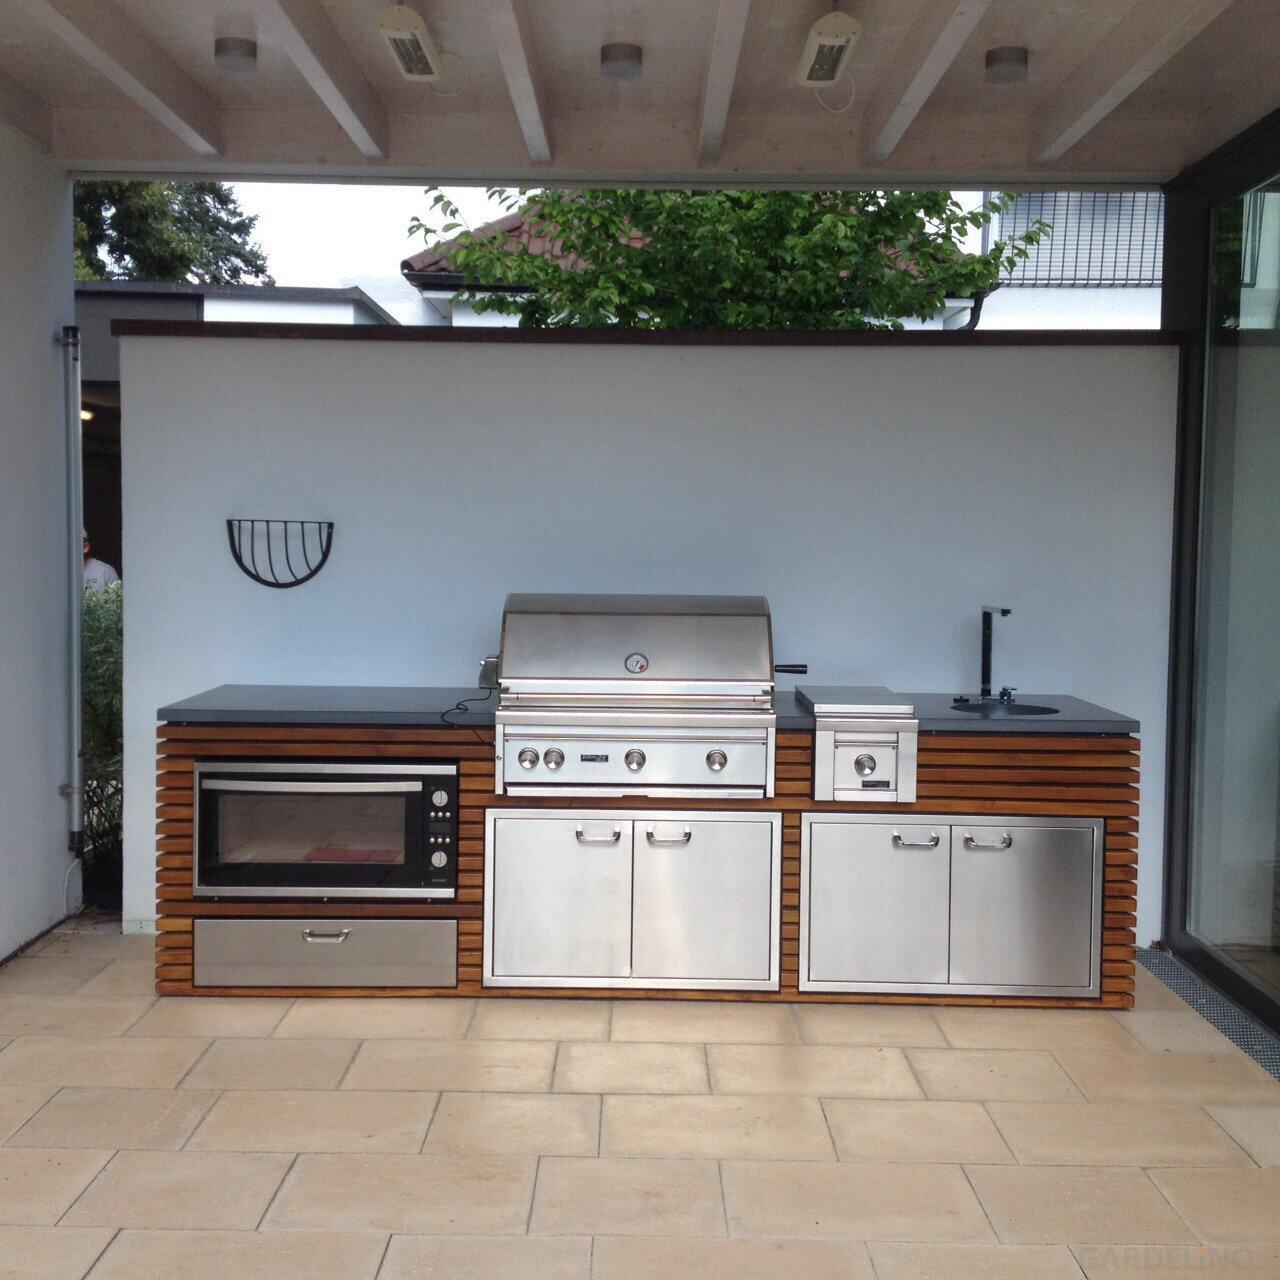 Outdoorküche aus Holz mit Einbau Gasgrill von Lynx Grill